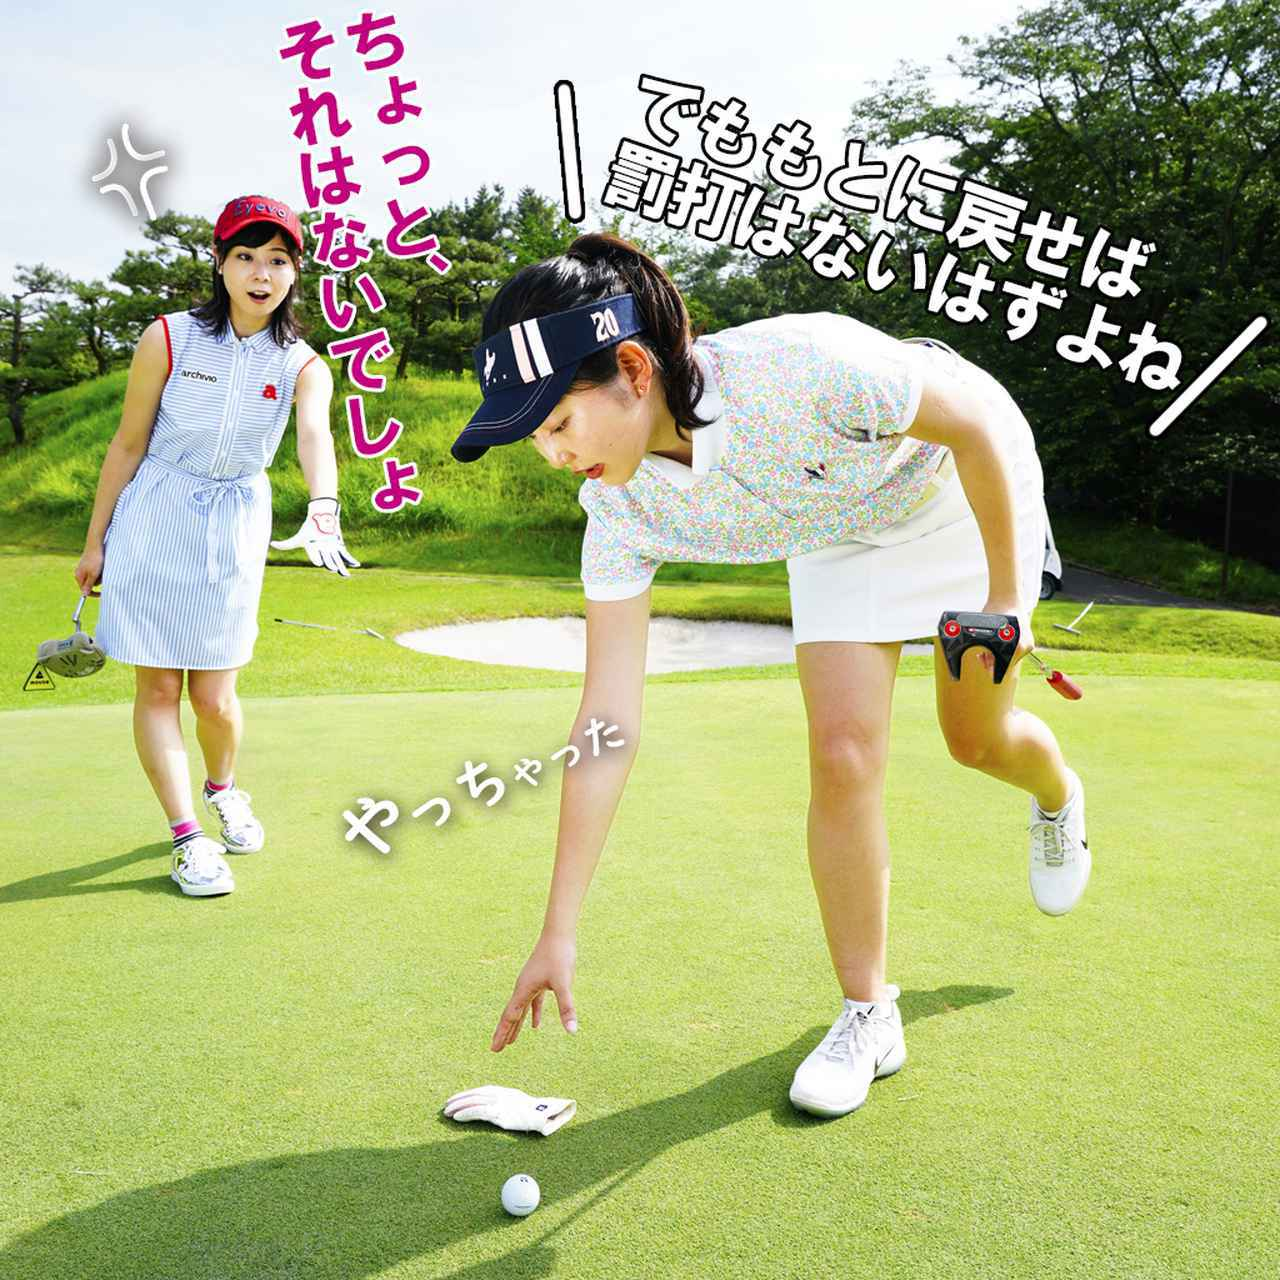 画像3: 【新ルール】マークする前にグローブを落として球が動いた! この場合の対処法は?